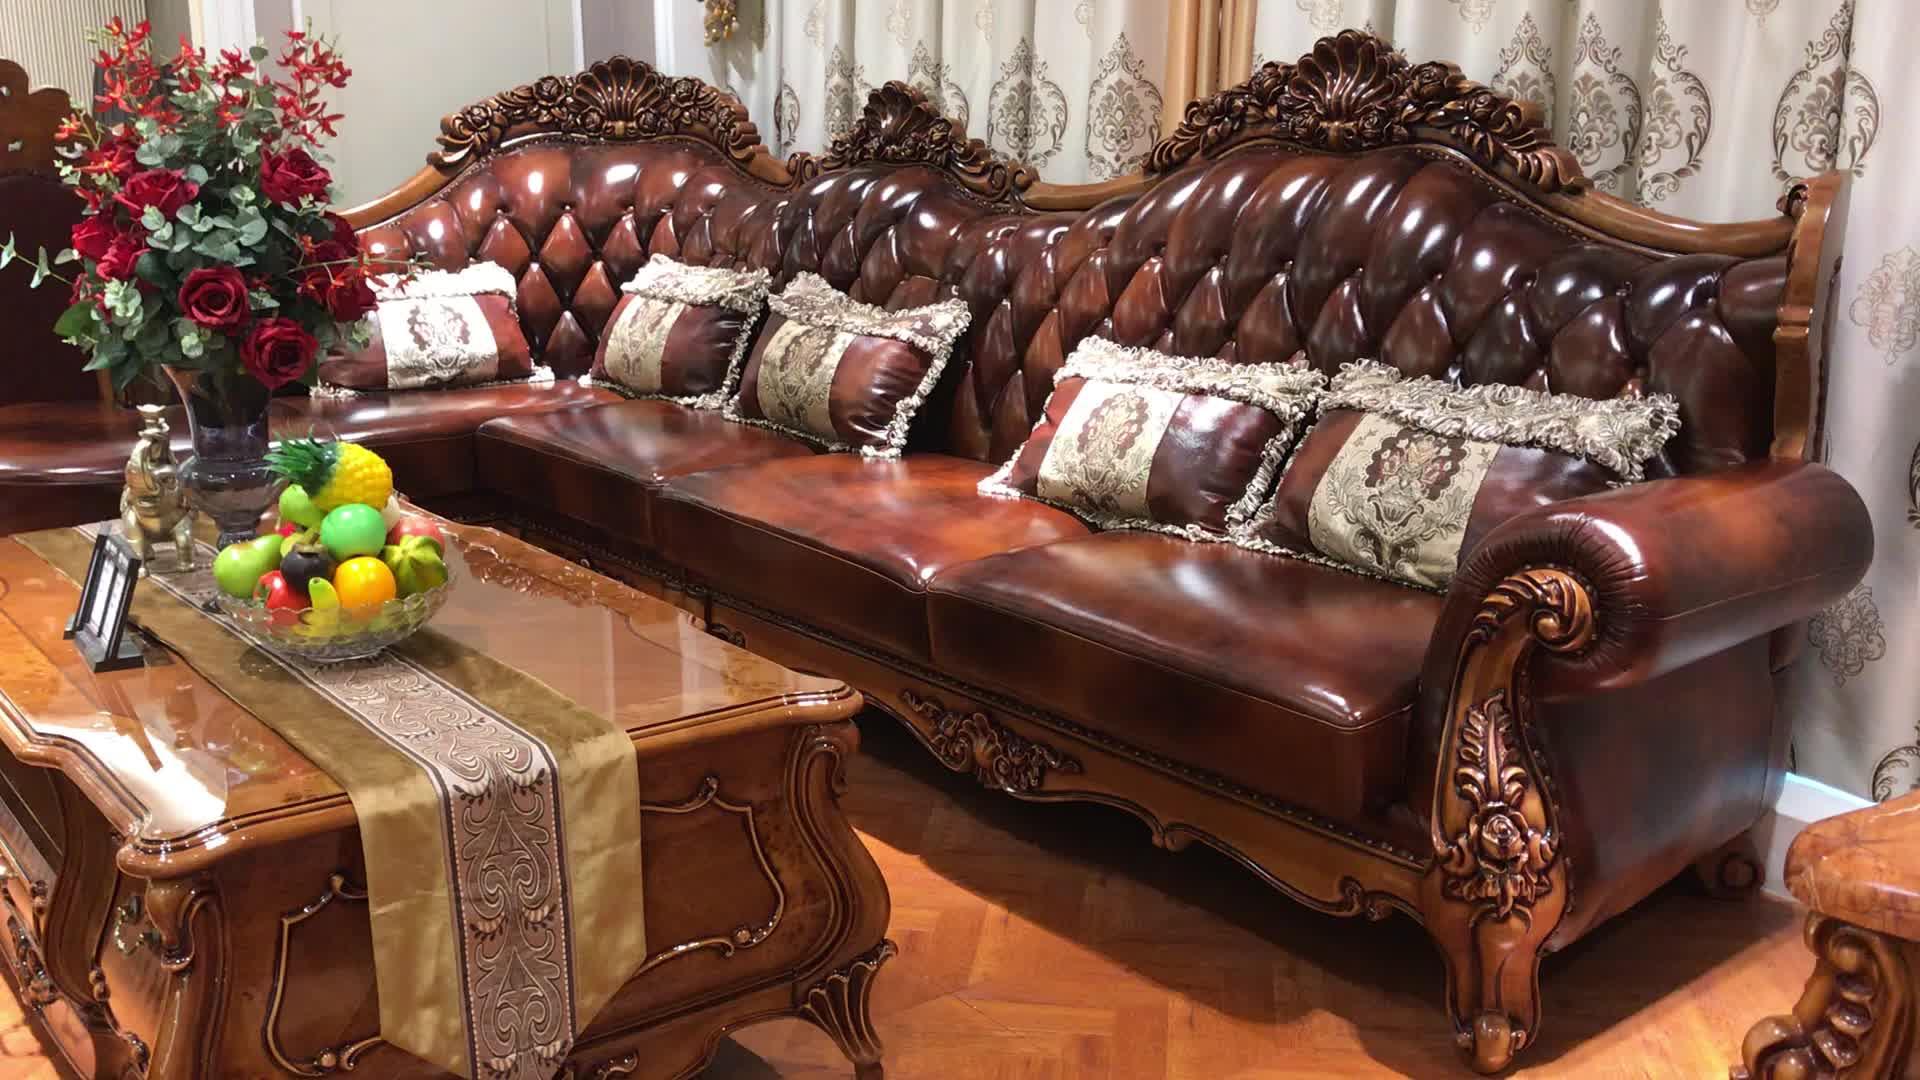 Classique de luxe de style Européen antique salon meubles L forme en bois massif ensemble de canapé d'angle en cuir